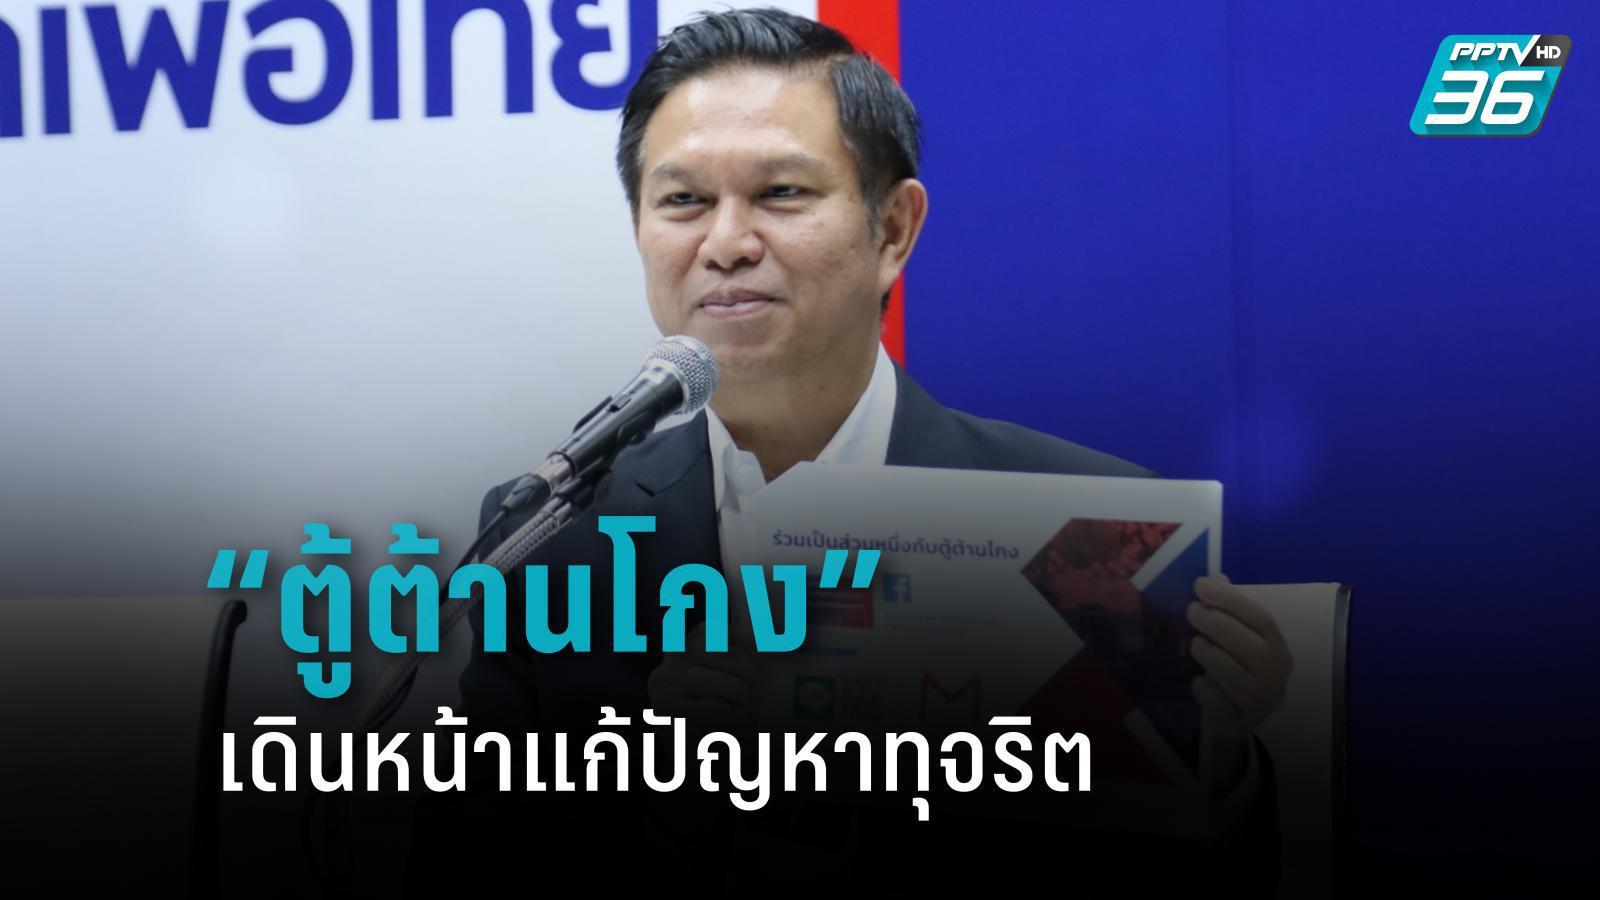 """""""เพื่อไทย"""" เปิด """"ตู้ต้านโกง"""" เดินหน้าแก้ปัญหาทุจริต ให้หมดจากแผ่นดิน"""